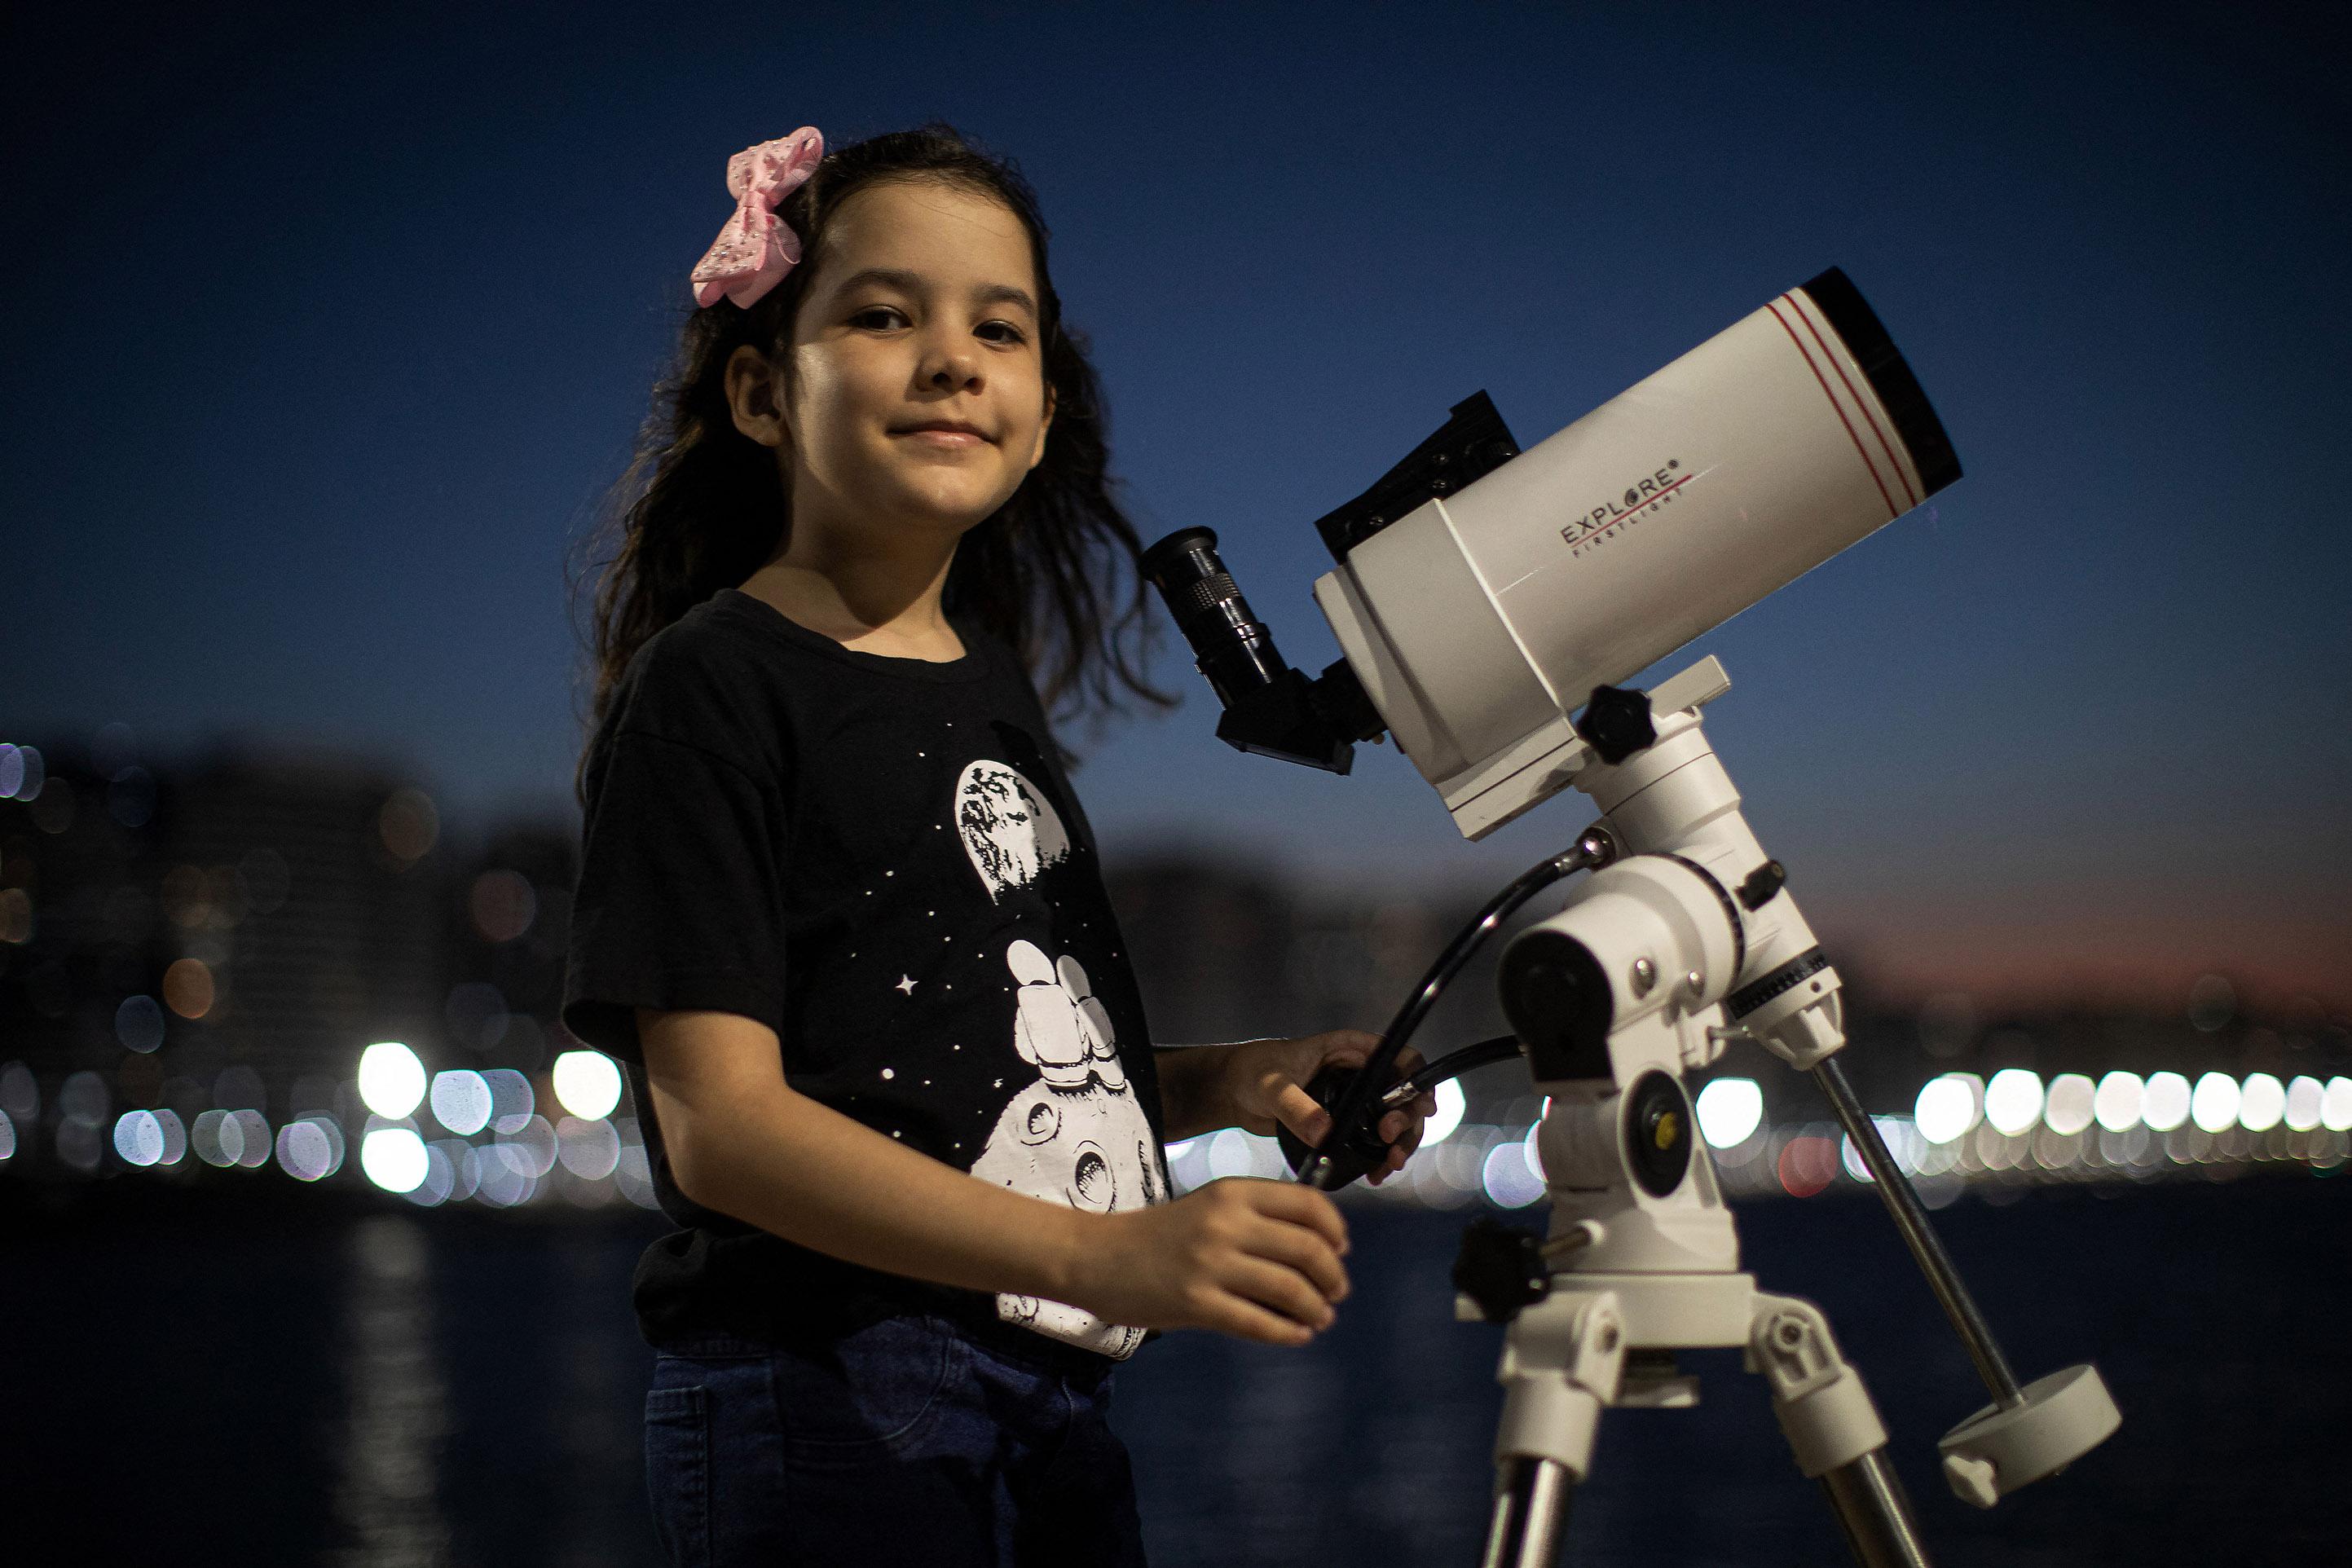 L'astronoma brasiliana di 8 anni Nicole Oliveira posa per una foto con il suo telescopio a Fortaleza, in Brasile.  - foto AFP